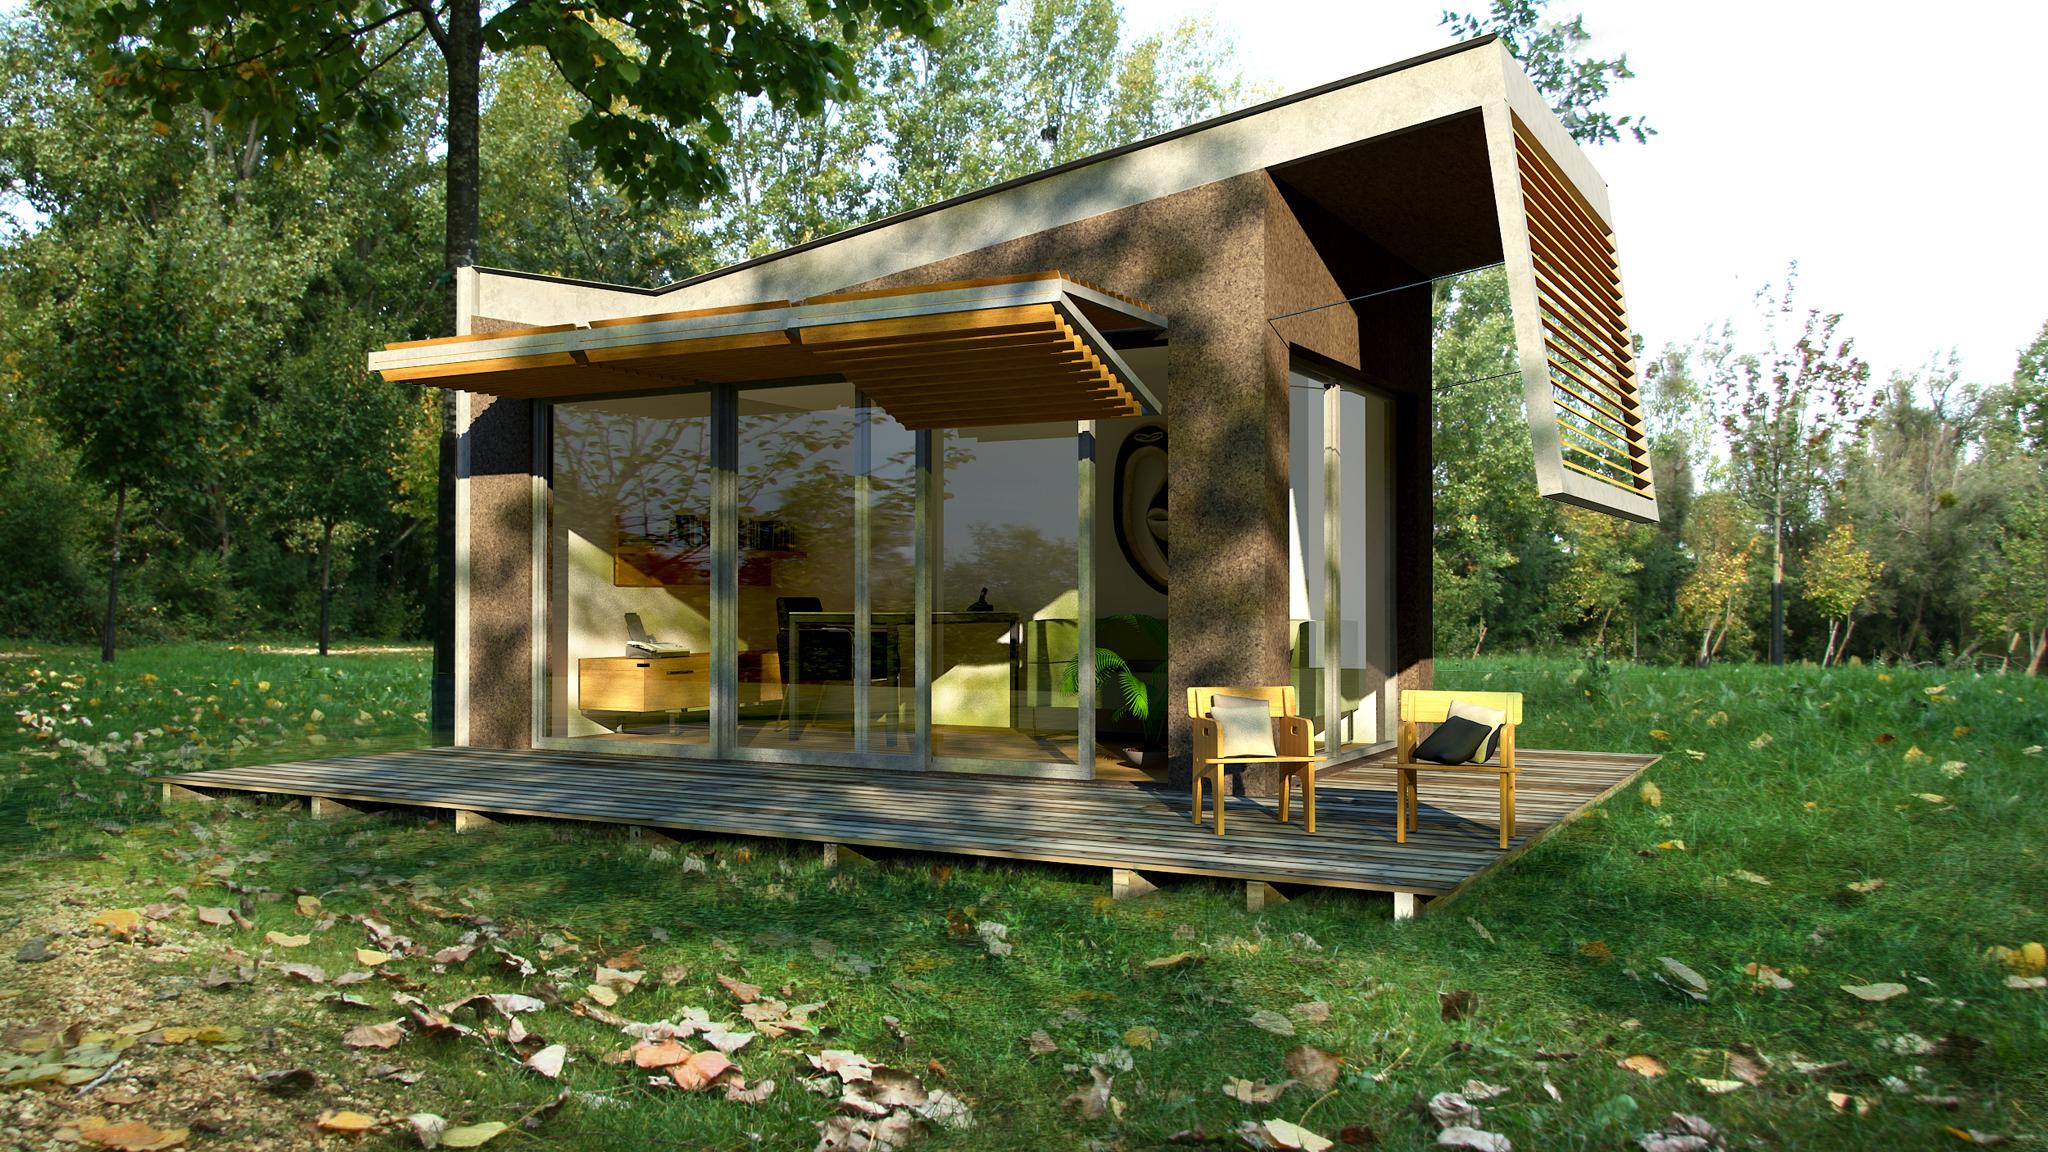 installez votre bureau dans le jardin lorraine magazine. Black Bedroom Furniture Sets. Home Design Ideas